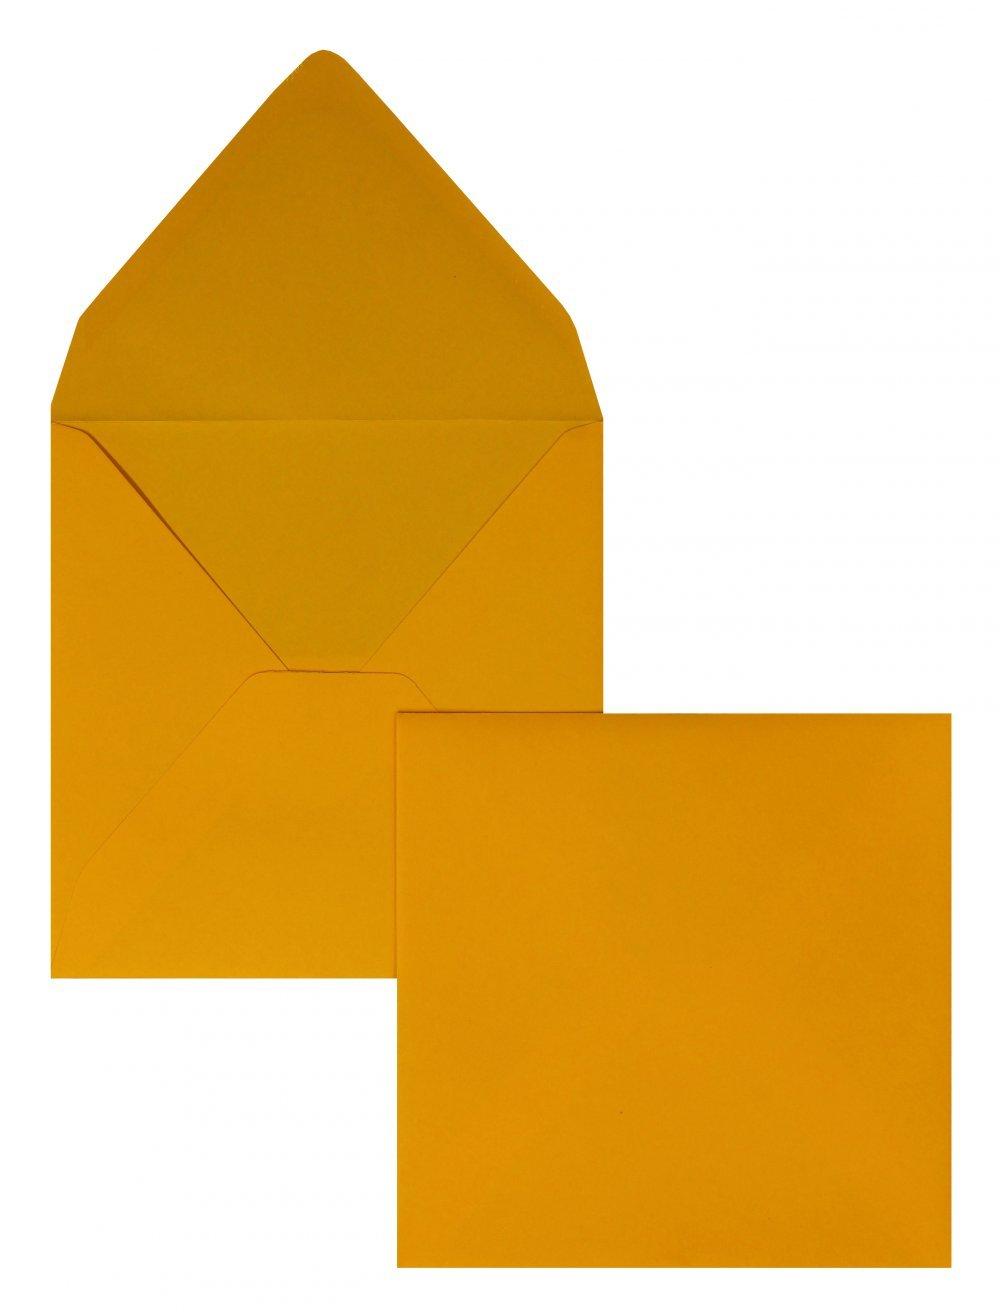 Farbige Briefhüllen Briefhüllen Briefhüllen   Premium   140 x 140 mm Orange (100 Stück) Nassklebung   Briefhüllen, KuGrüns, CouGrüns, Umschläge mit 2 Jahren Zufriedenheitsgarantie B01DULH2V0 | Moderne und stilvolle Mode  2c5f6b